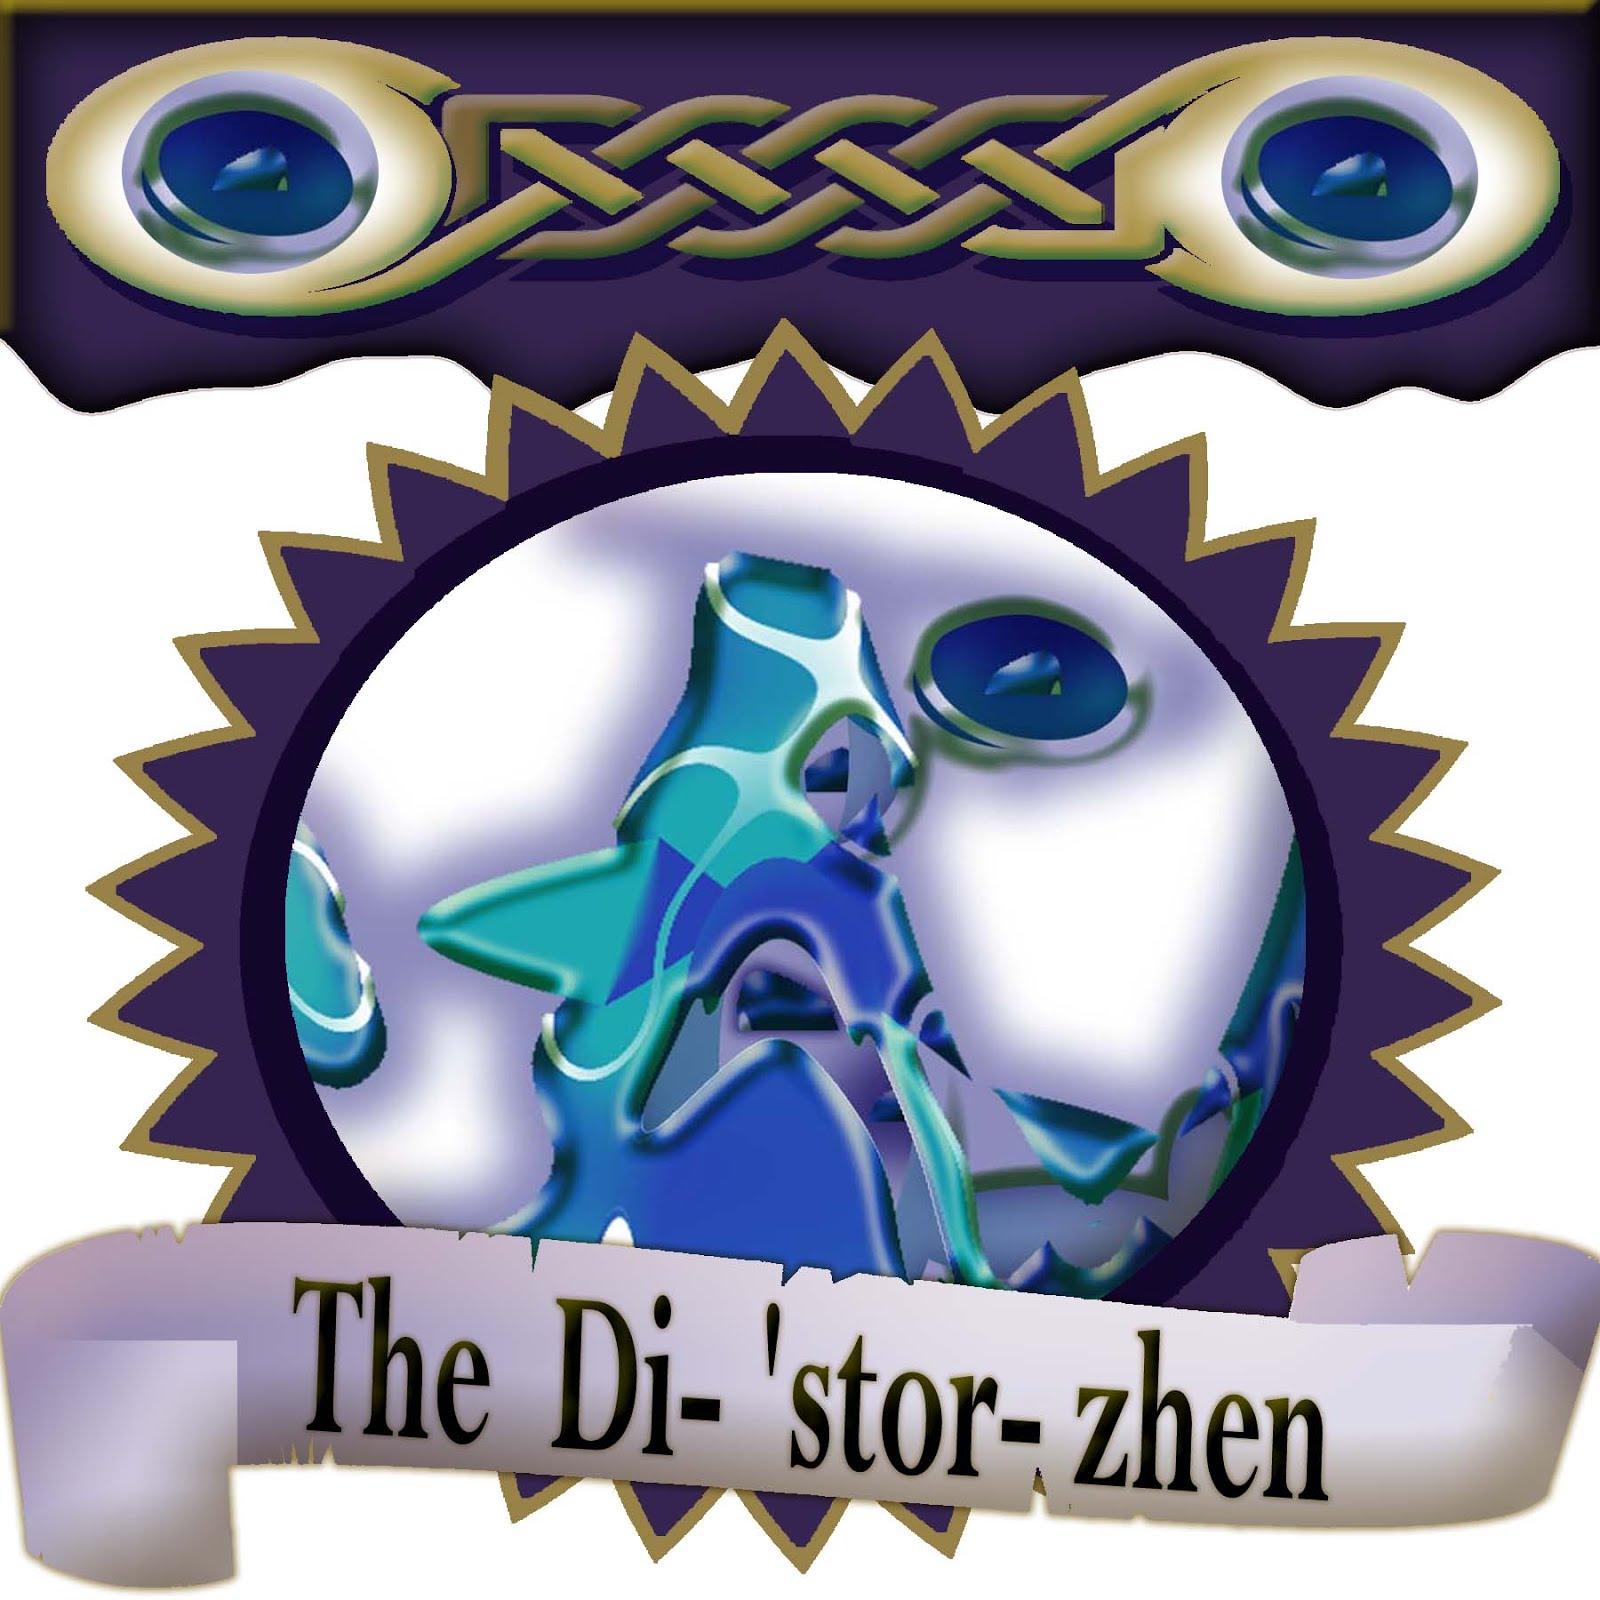 The Di'- 'stor -zhen